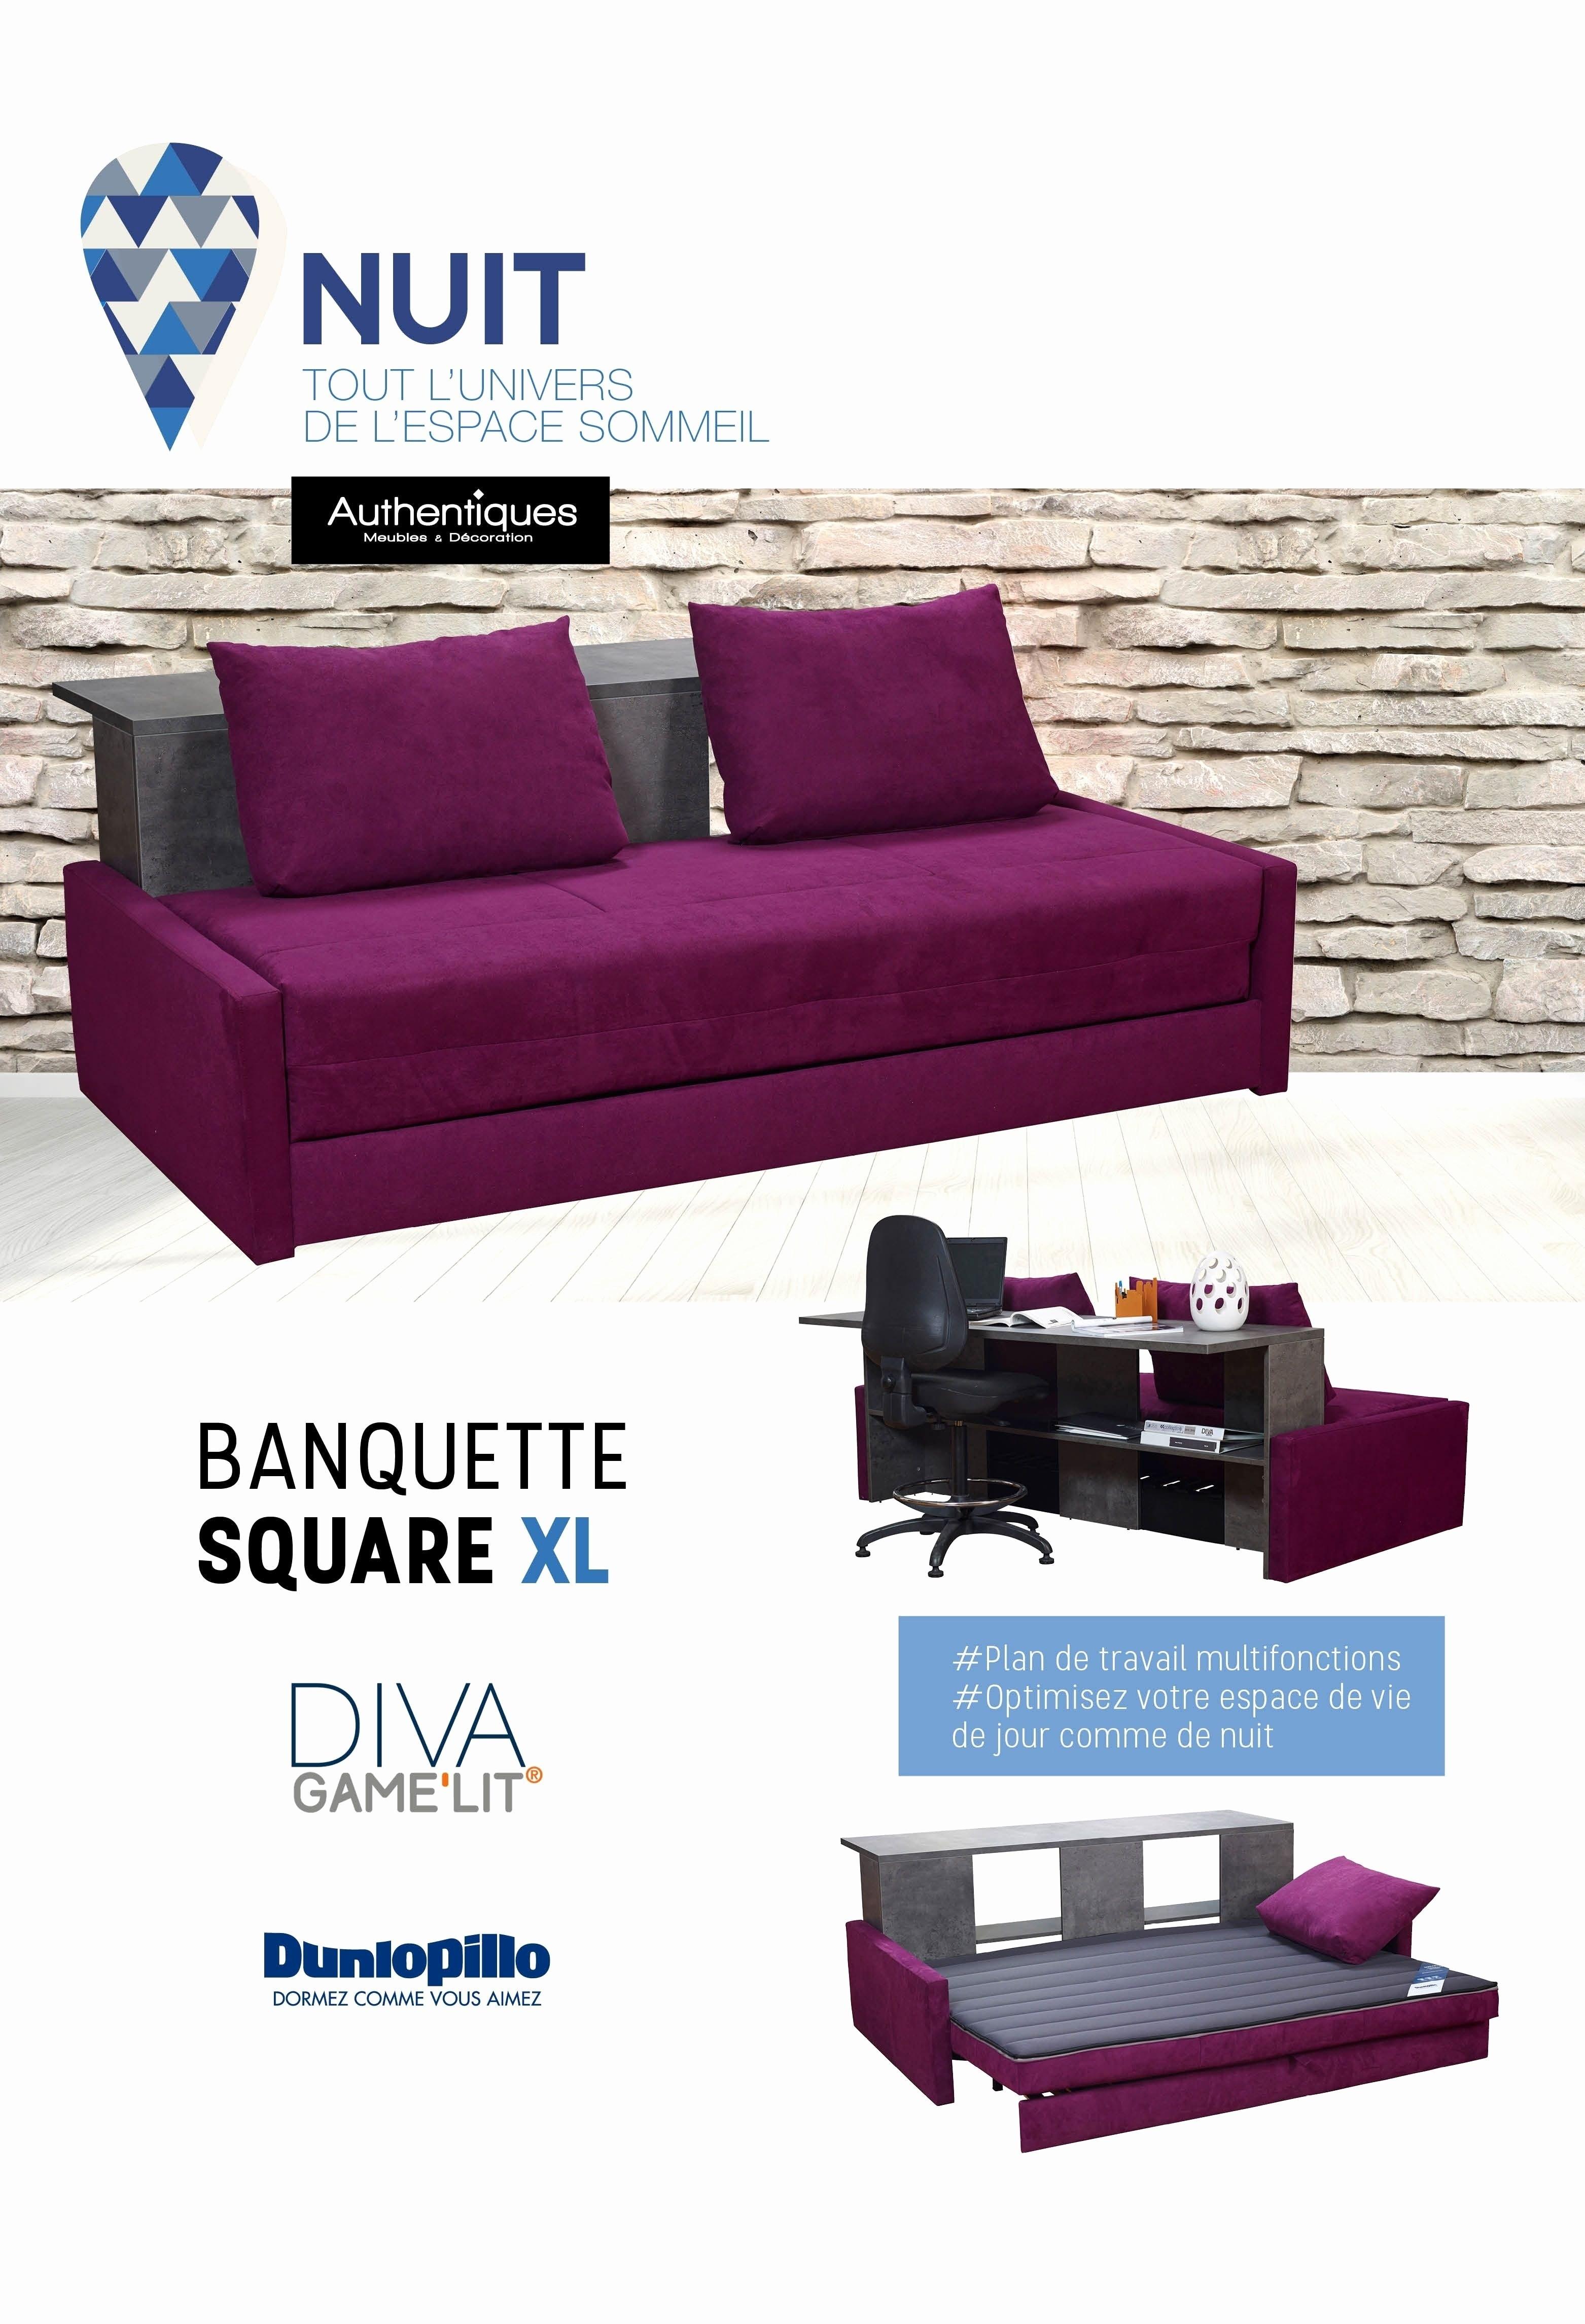 Matelas Pour Bz Ikea Impressionnant Photographie Matelas Banquette Bz Meilleur Canape Futon 0d S – Les Idées De